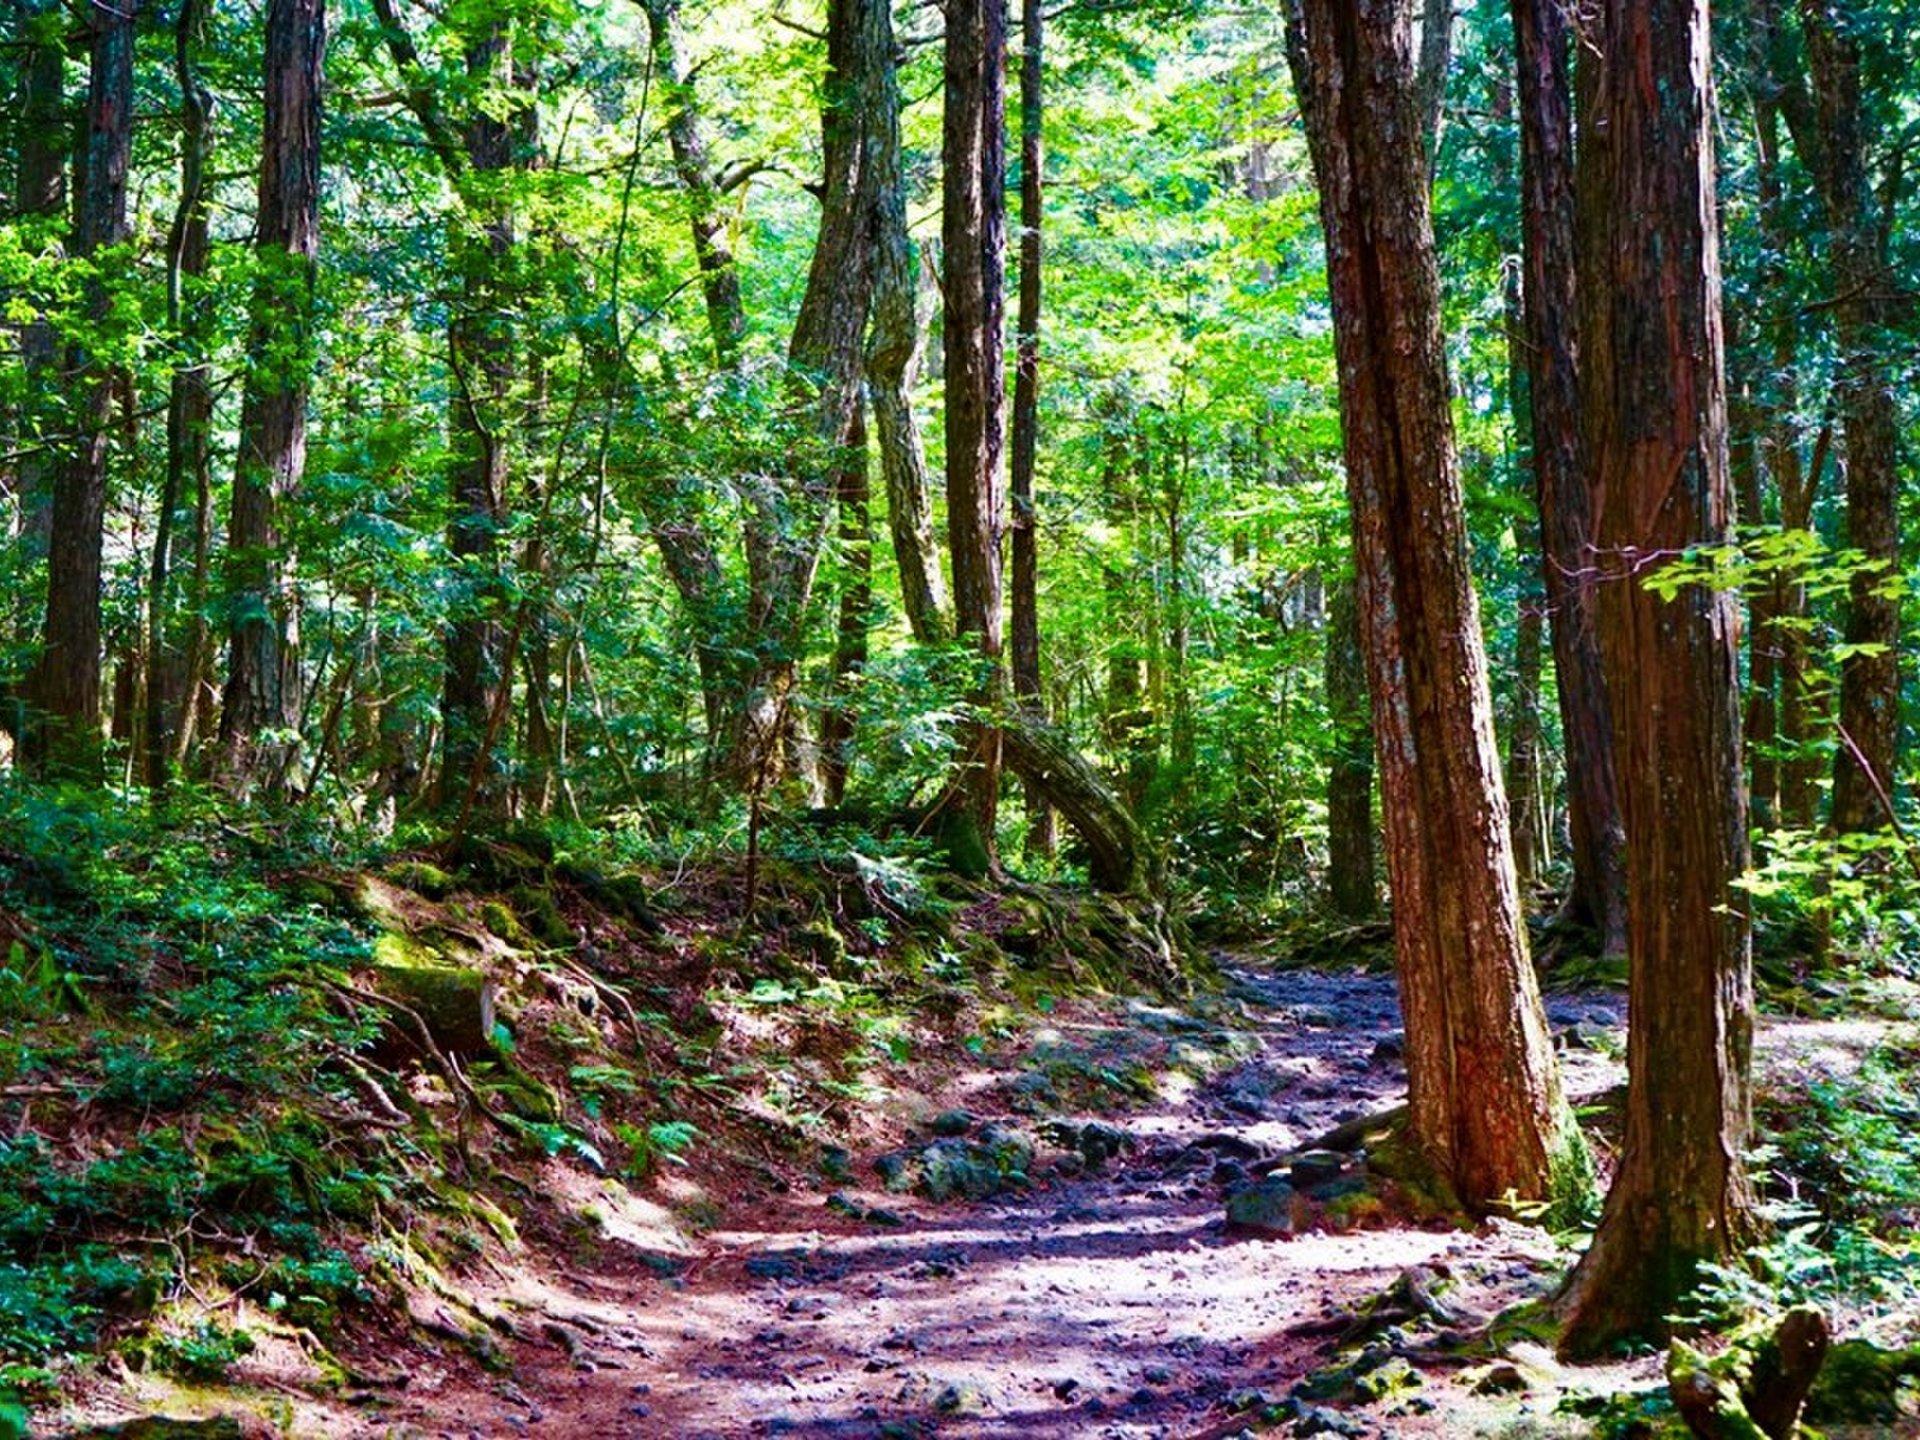 樹海の洞穴巡りも探検する休日アドベンチャーツアー 富士山行くなら迷いの森青木ヶ原樹海を散策しよう